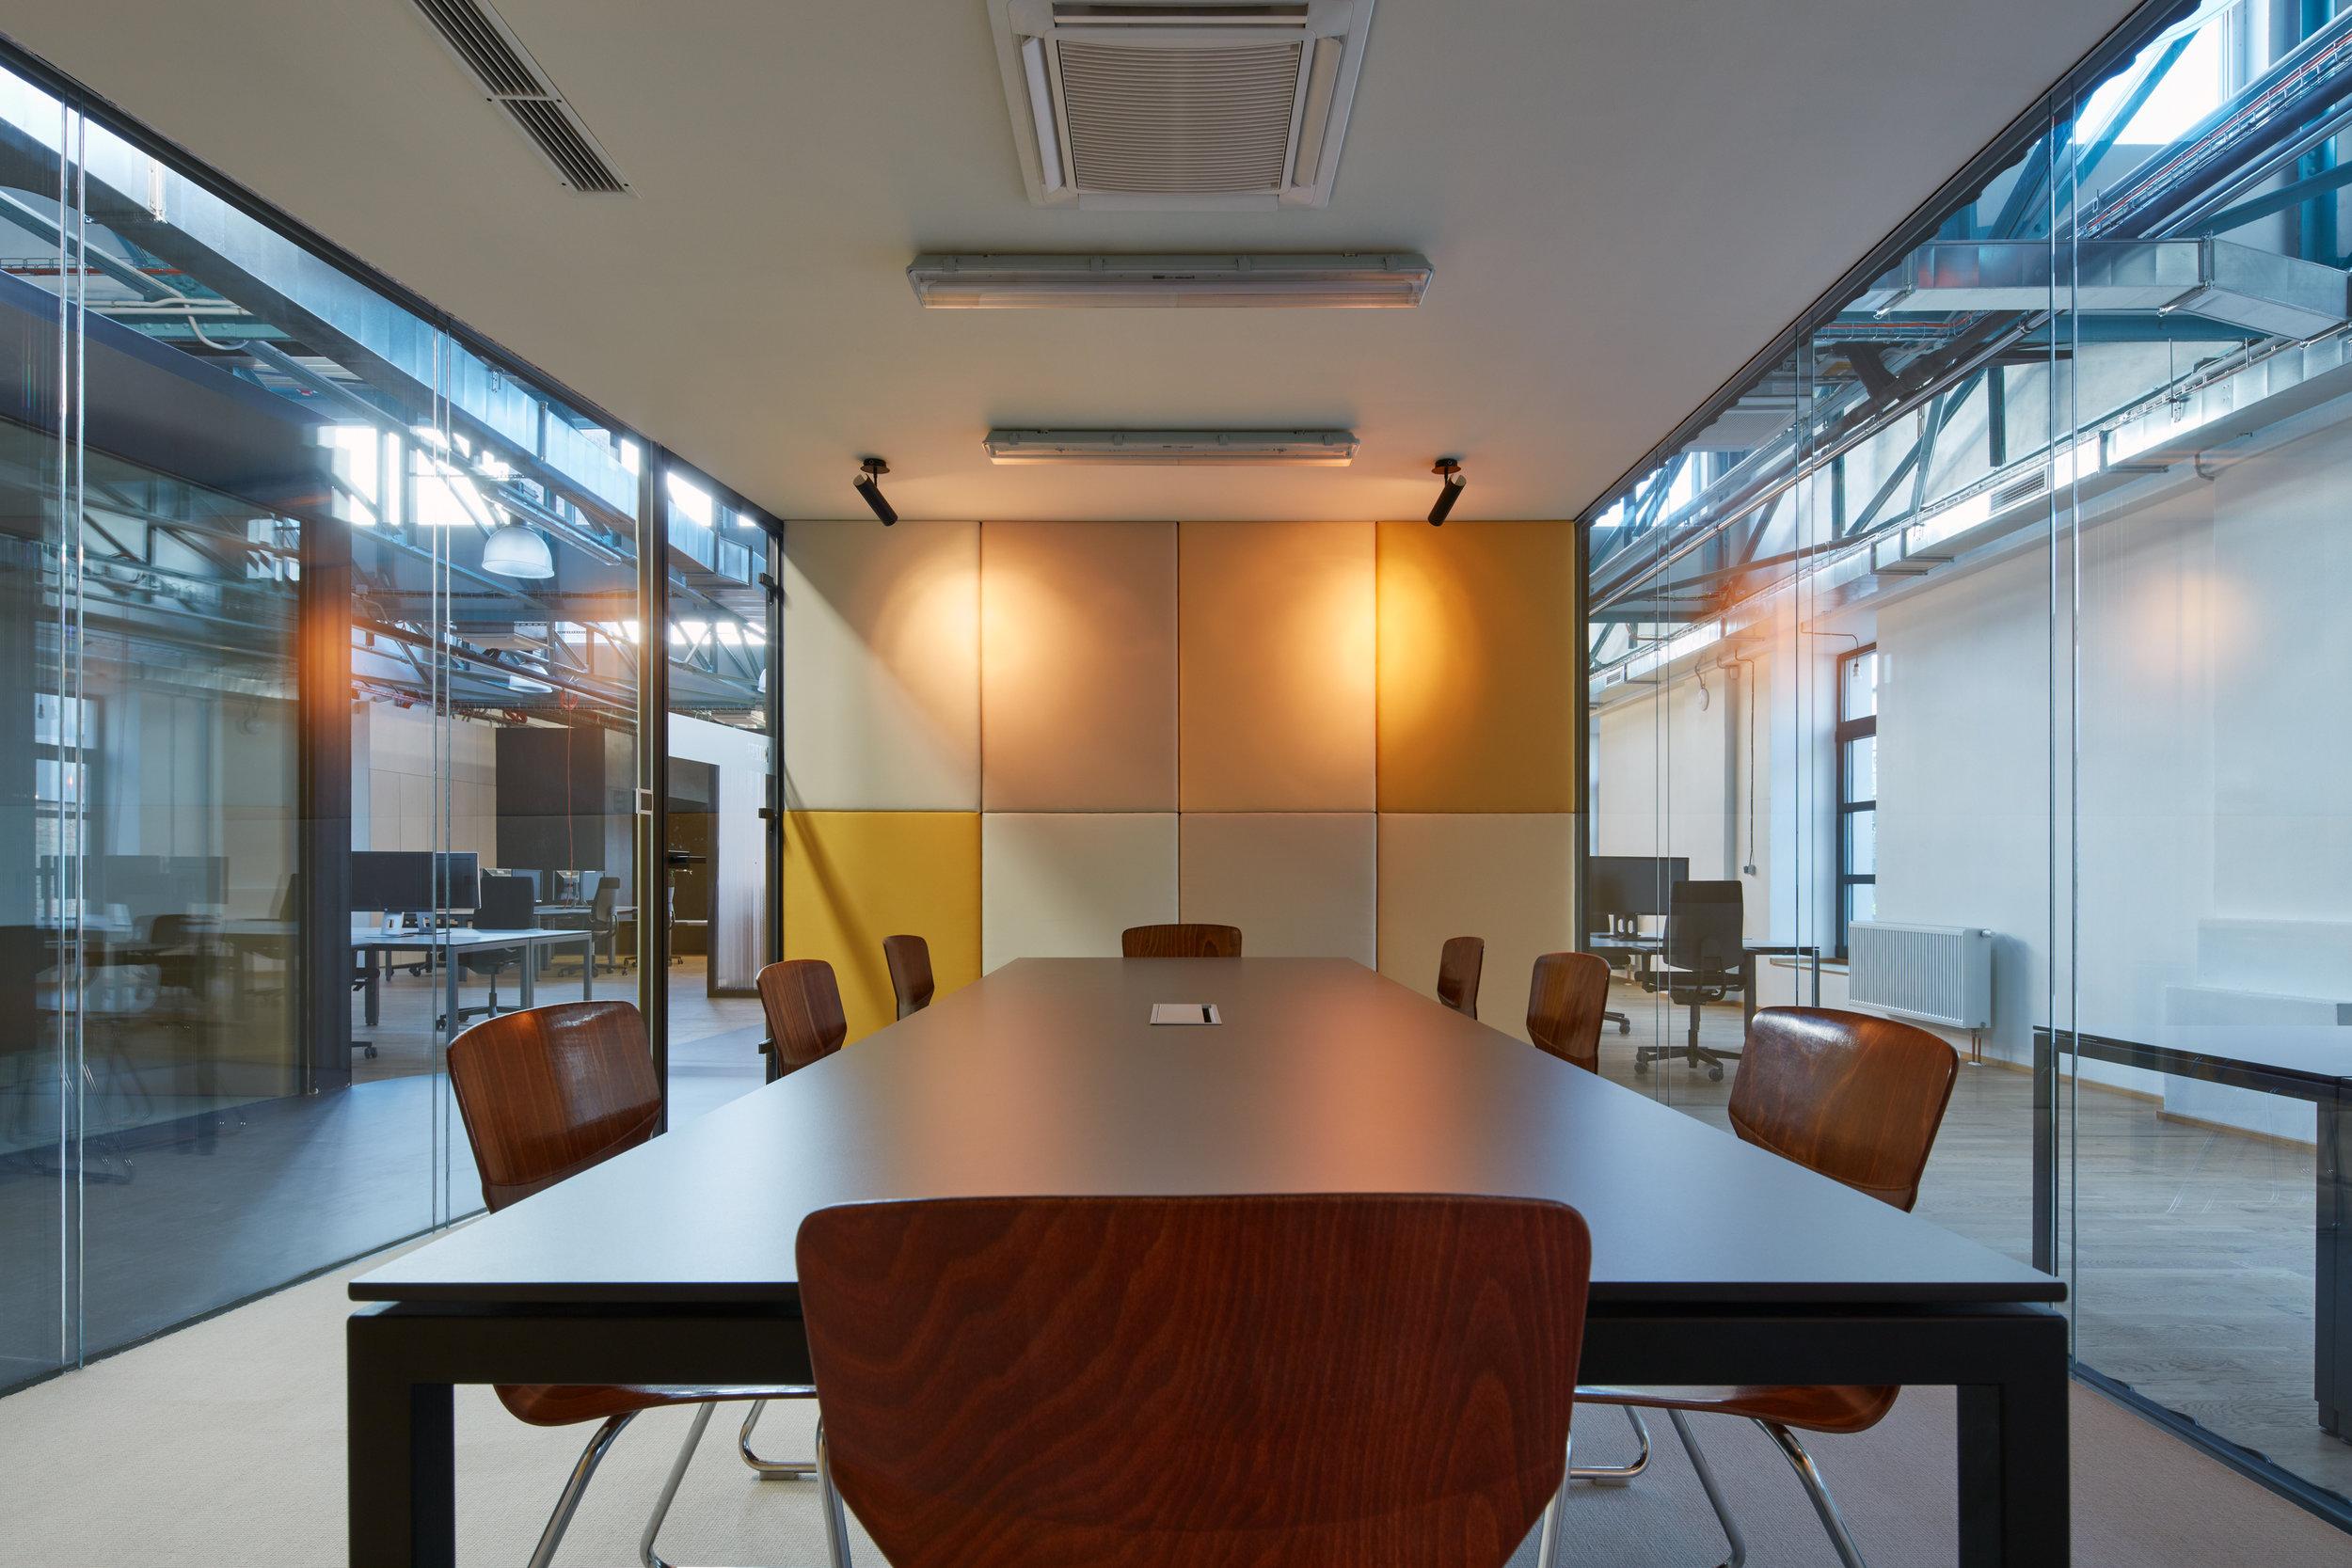 Kurz_architekti_SinnerSchrader_offices_BoysPlayNice_17.jpg